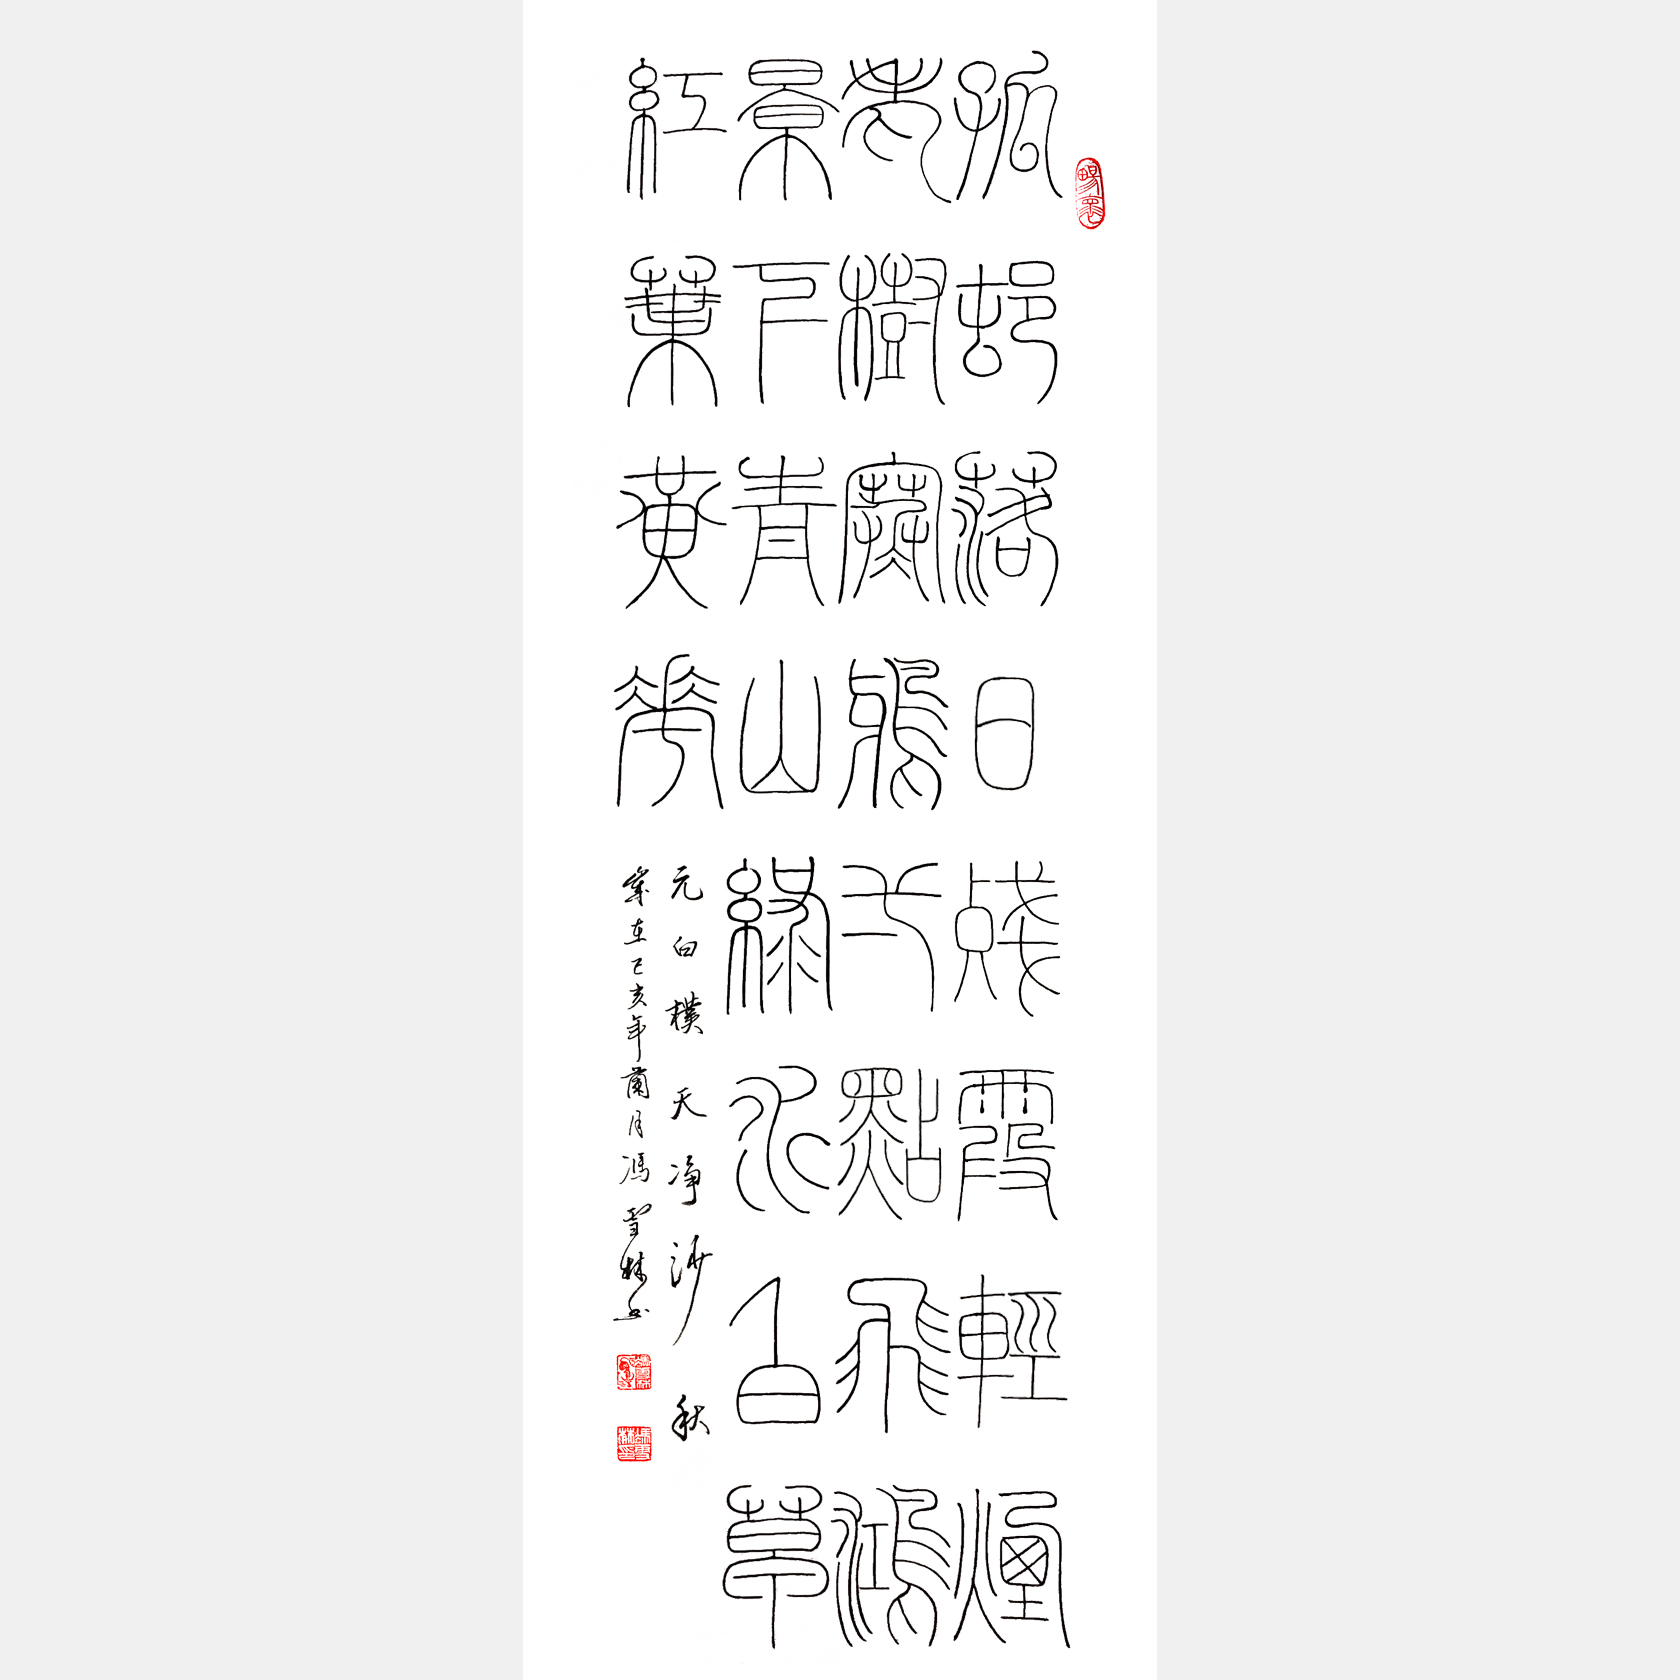 元白朴《天净沙・秋》篆书书法作品 四尺条幅 李阳冰铁线篆